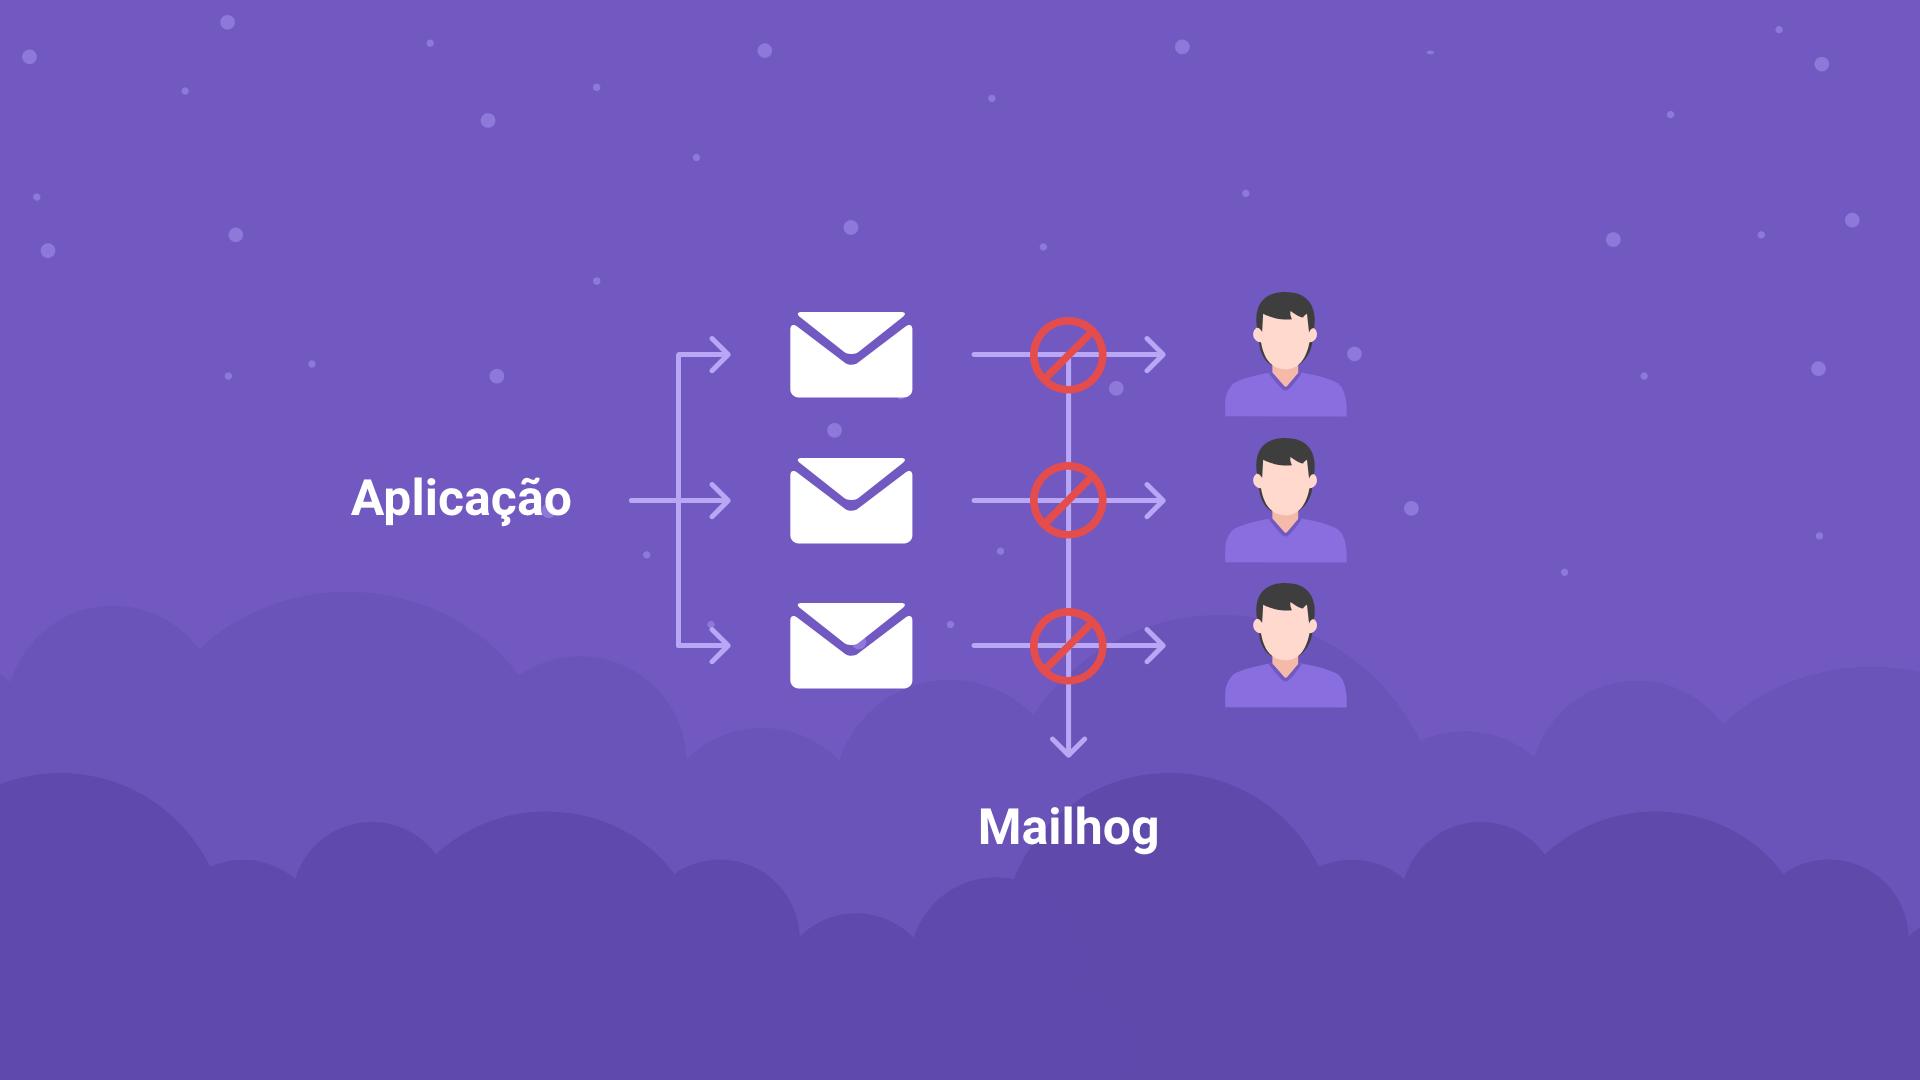 Testando envio de e-mails no Node utilizando Mailhog